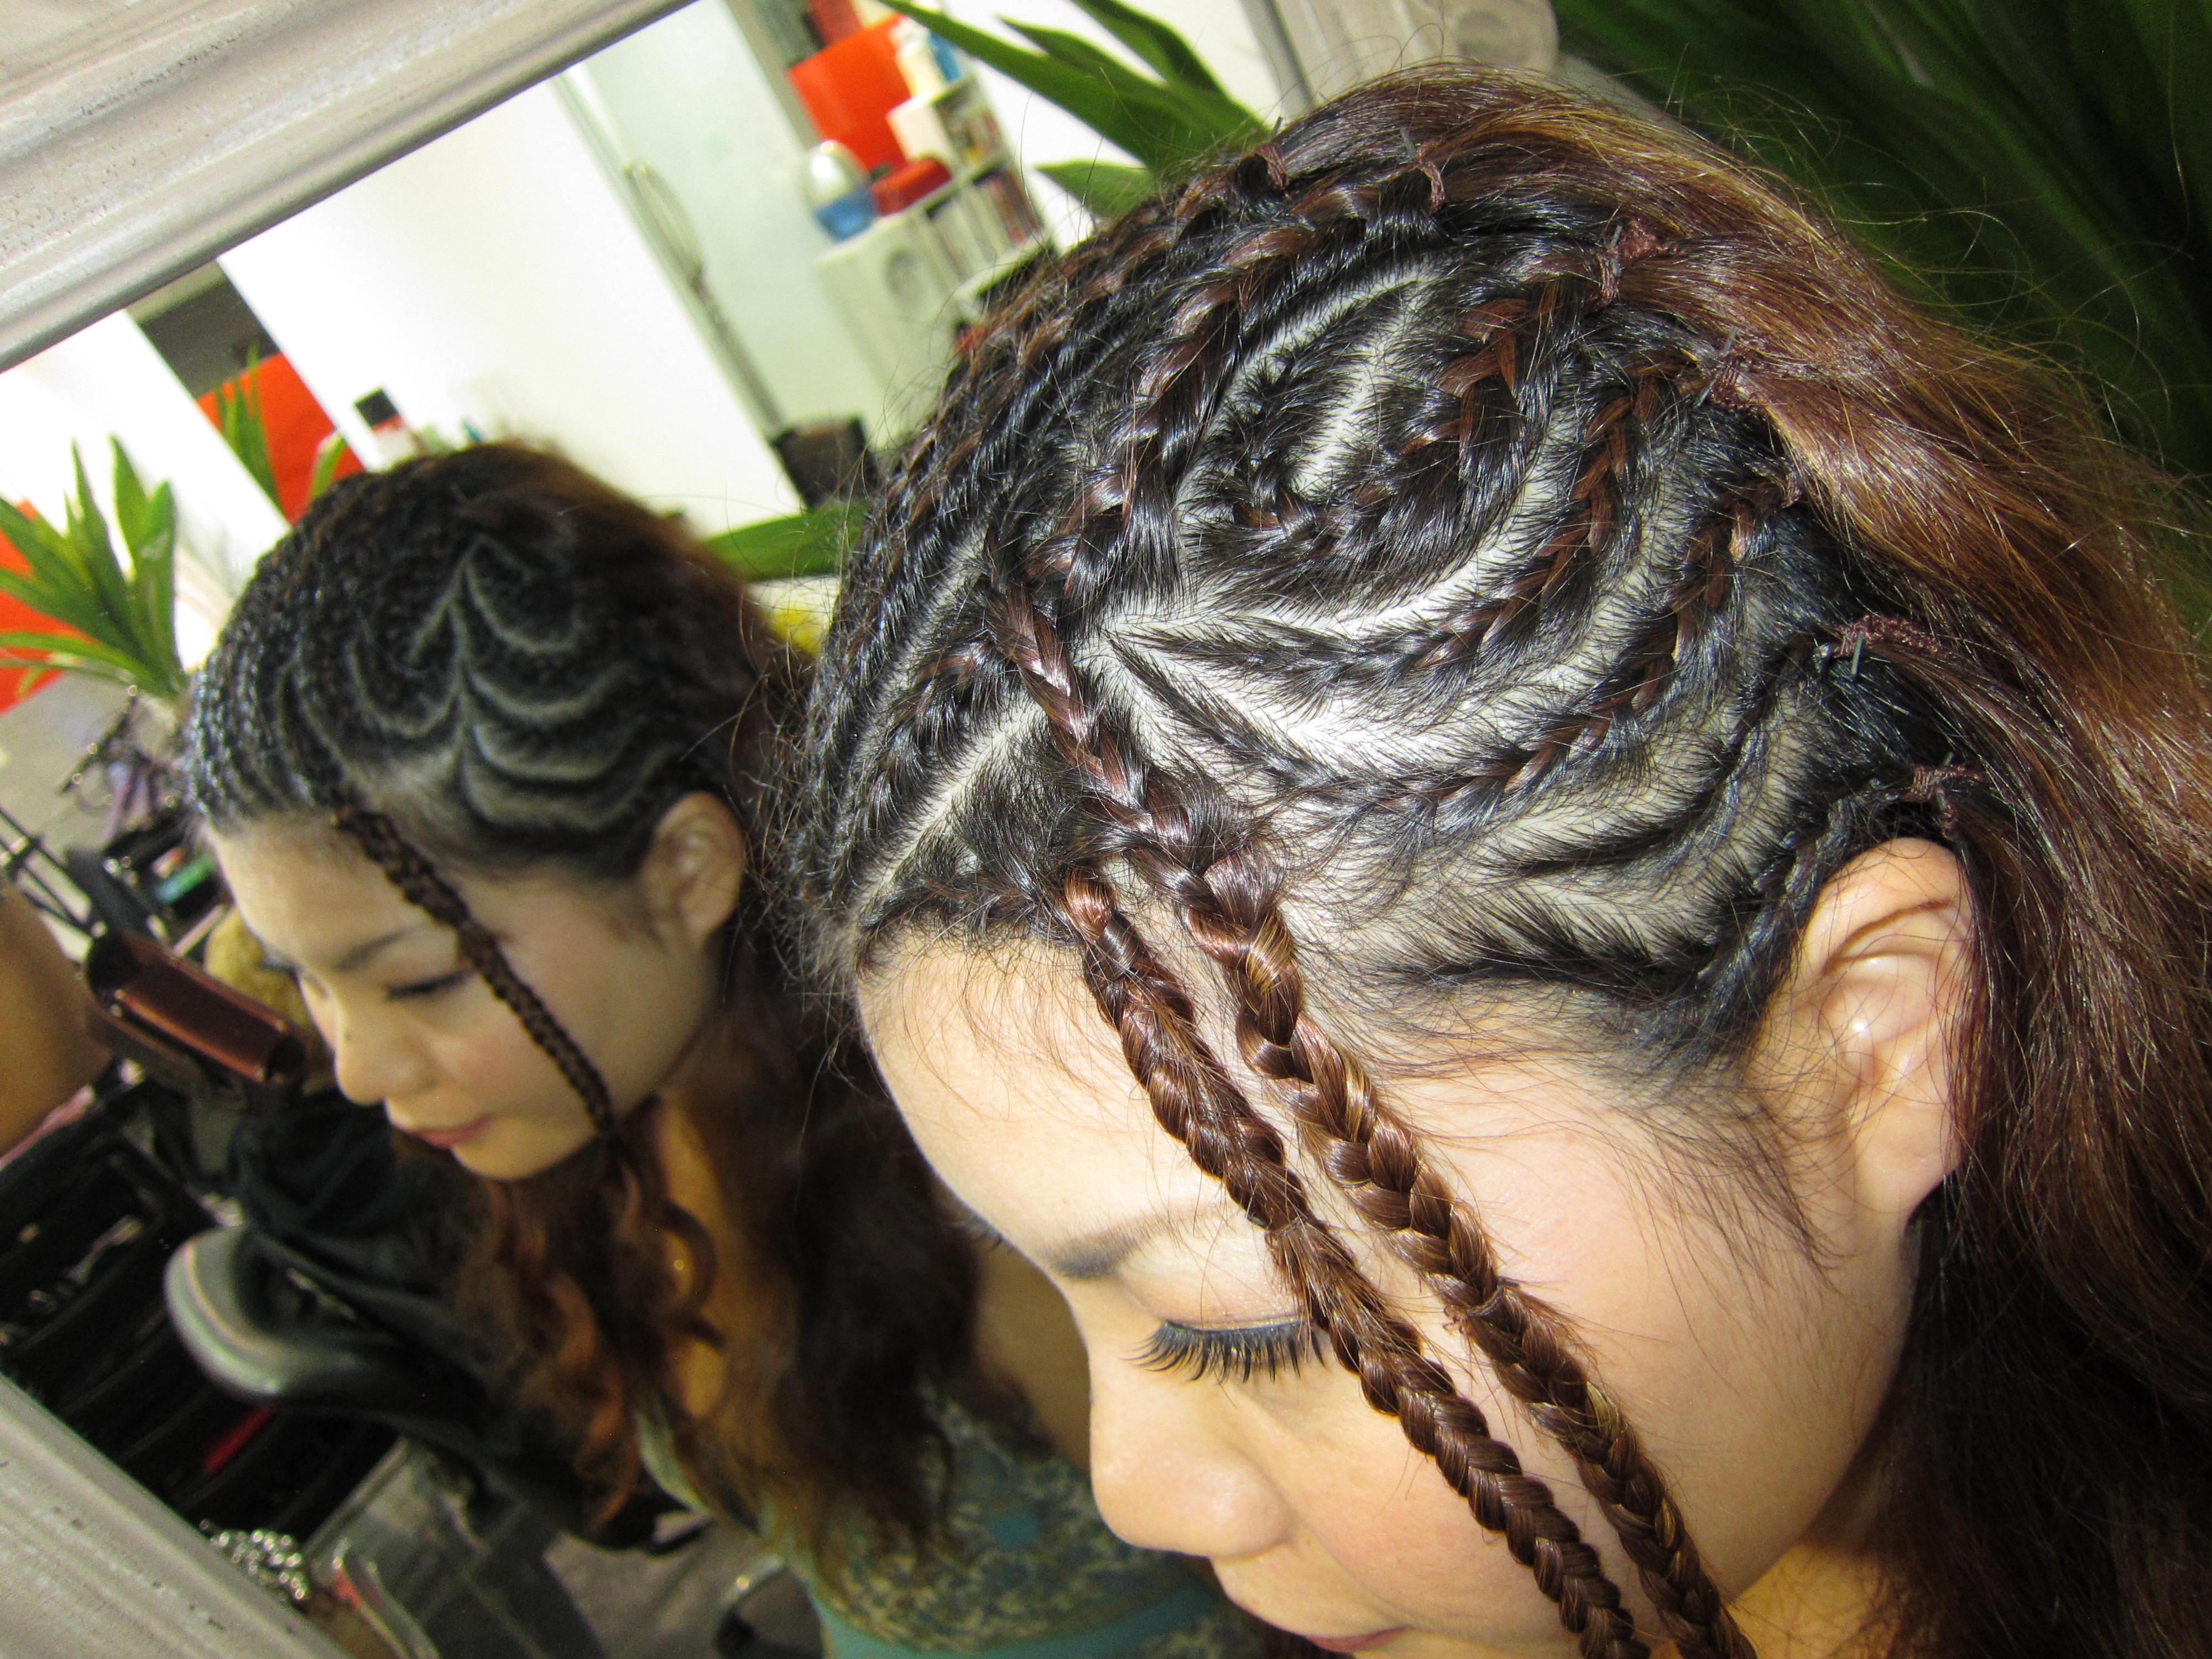 <p>旅行の思い出、ワーホリの記念などに日本ではなかなかすることがない髪型にチャレンジしてみては?</p>